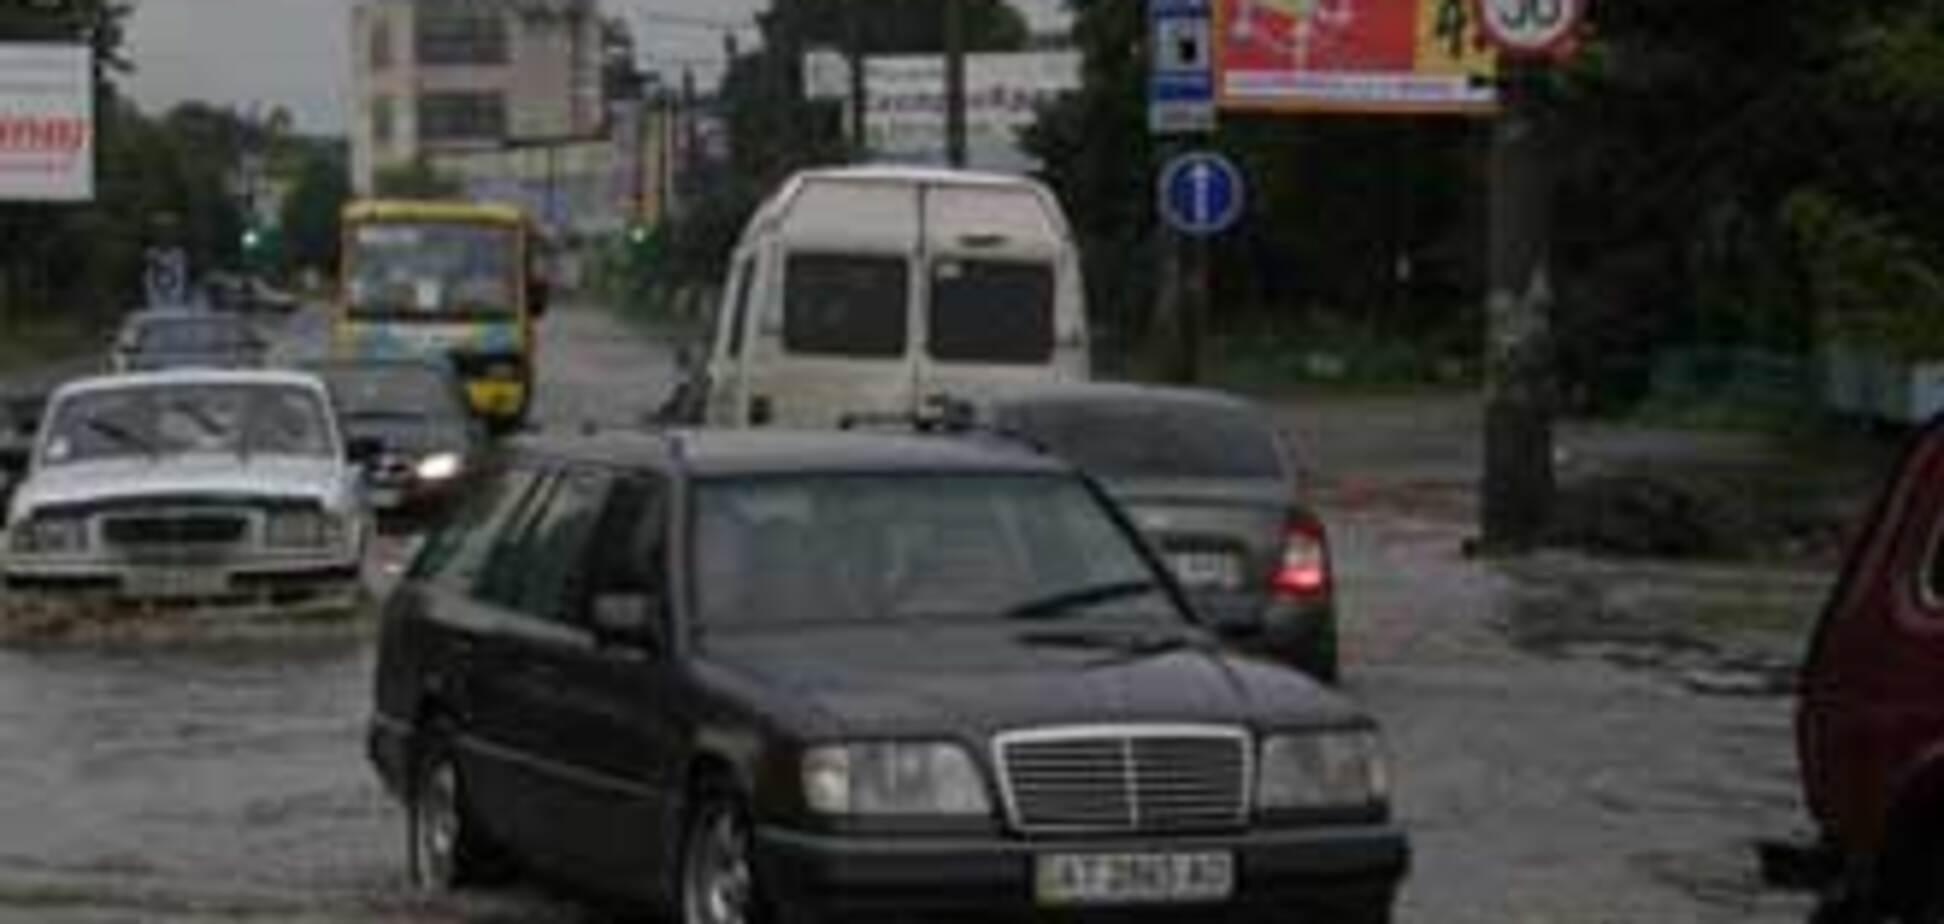 Винницкая область под угрозой наводнения